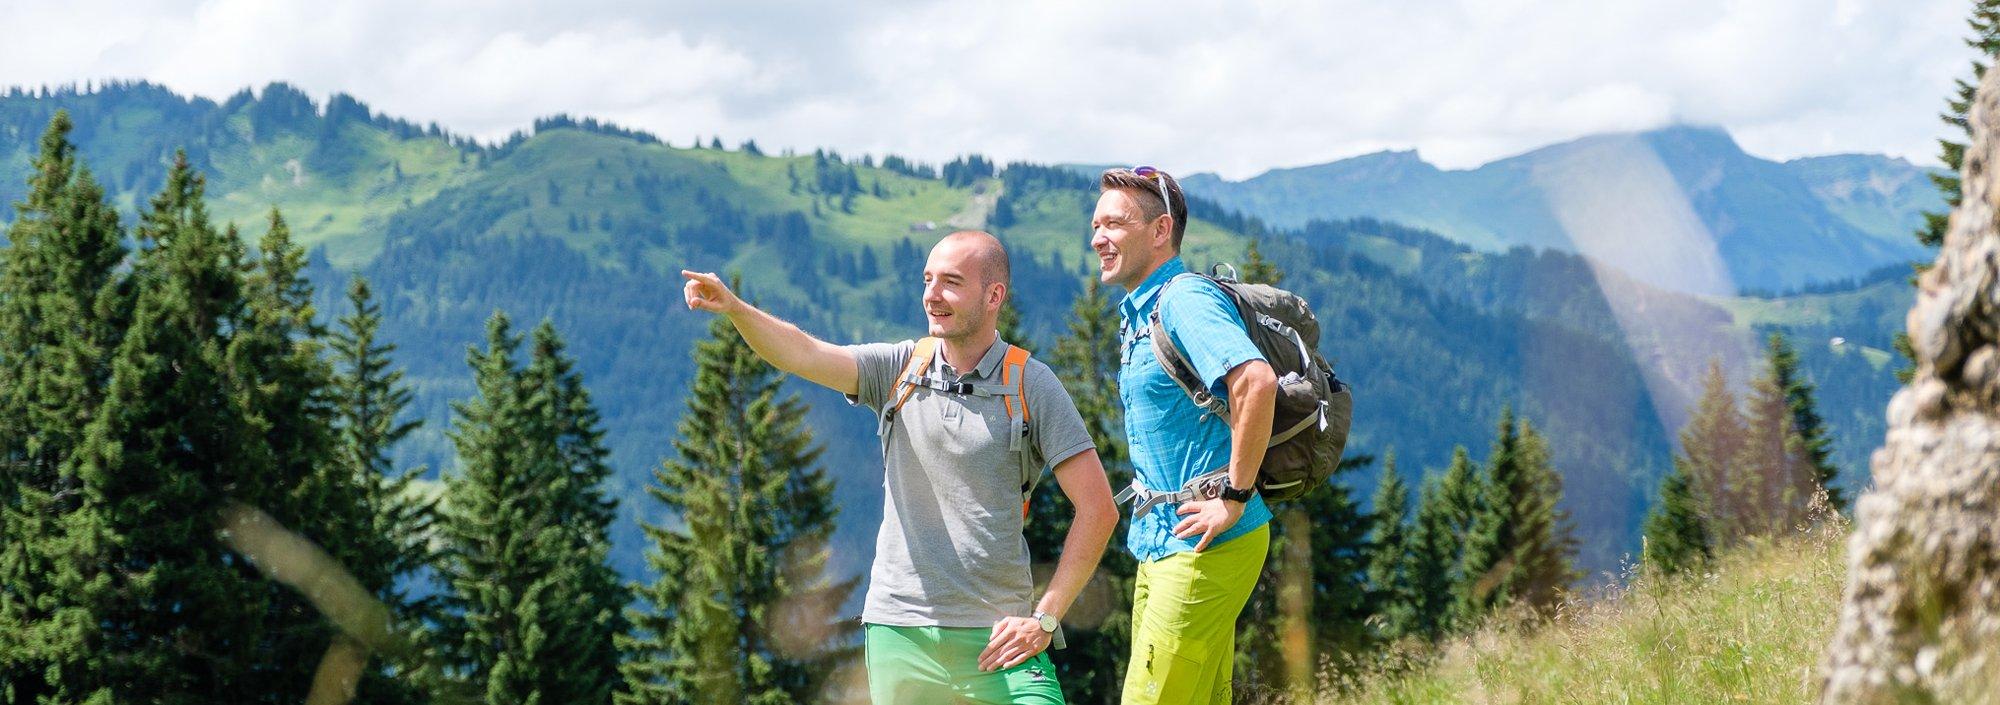 Bergtouren rund um Balderschwang